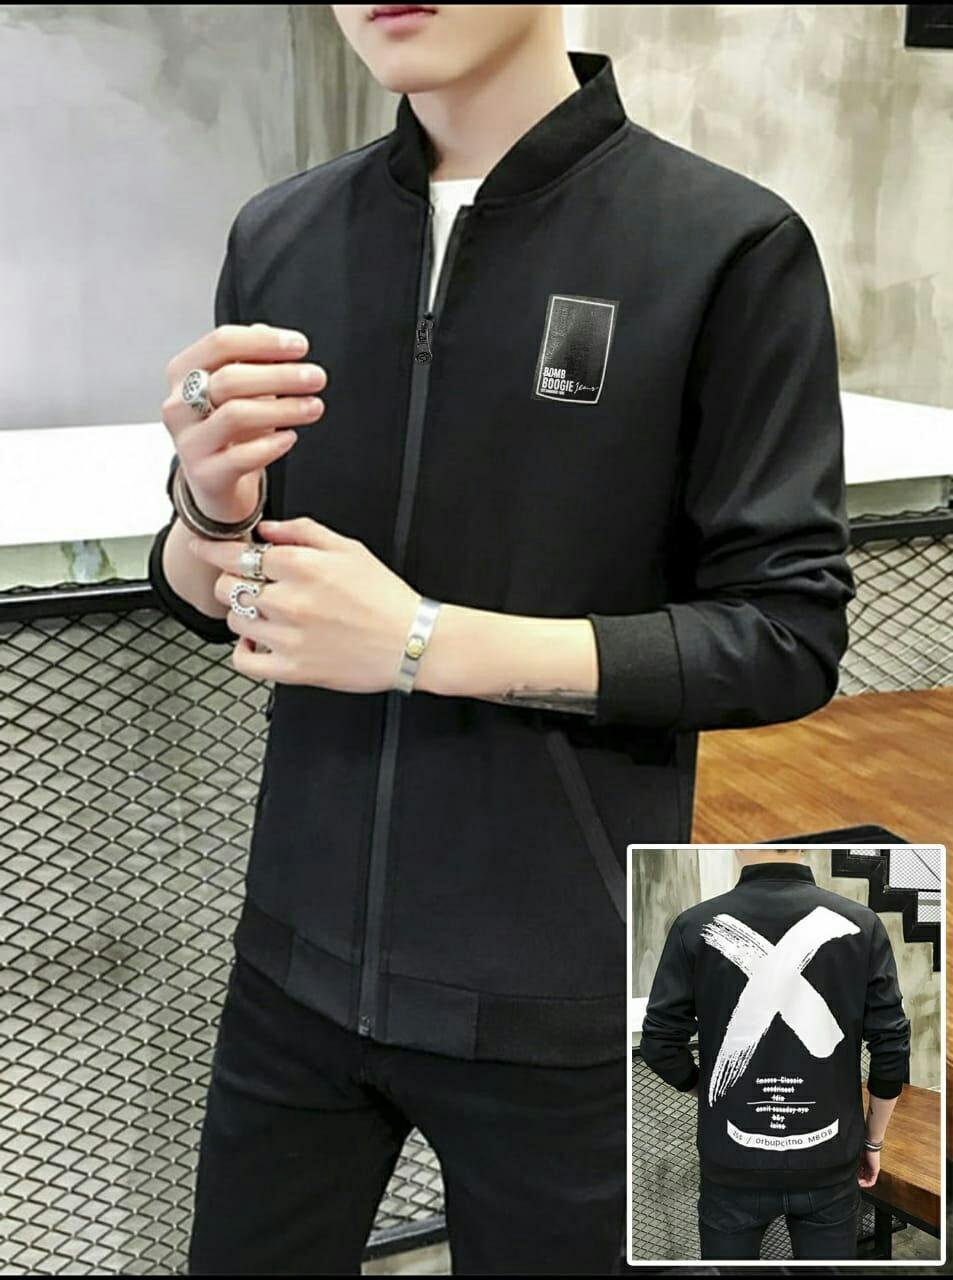 Hc - jaket pria x boms - jaket pria - blazer pria - pakaian pria - f44c815120